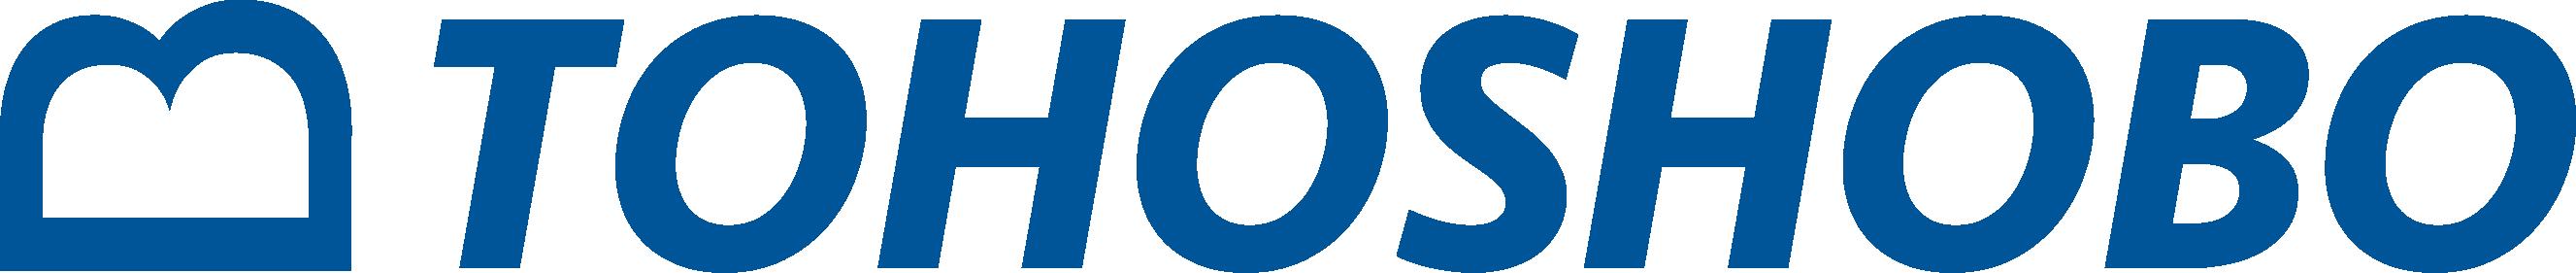 TOHOSHOBO